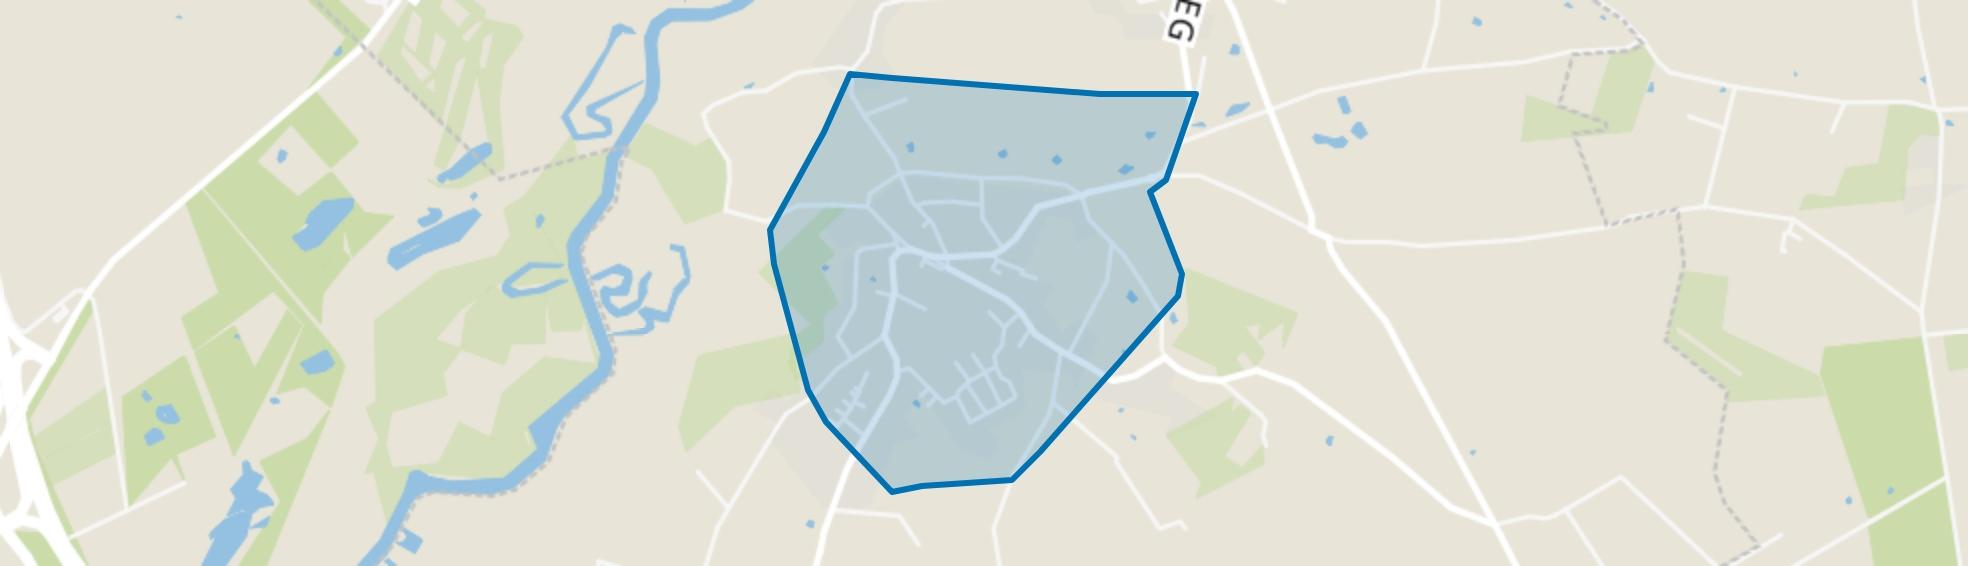 Gemonde, Gemonde map